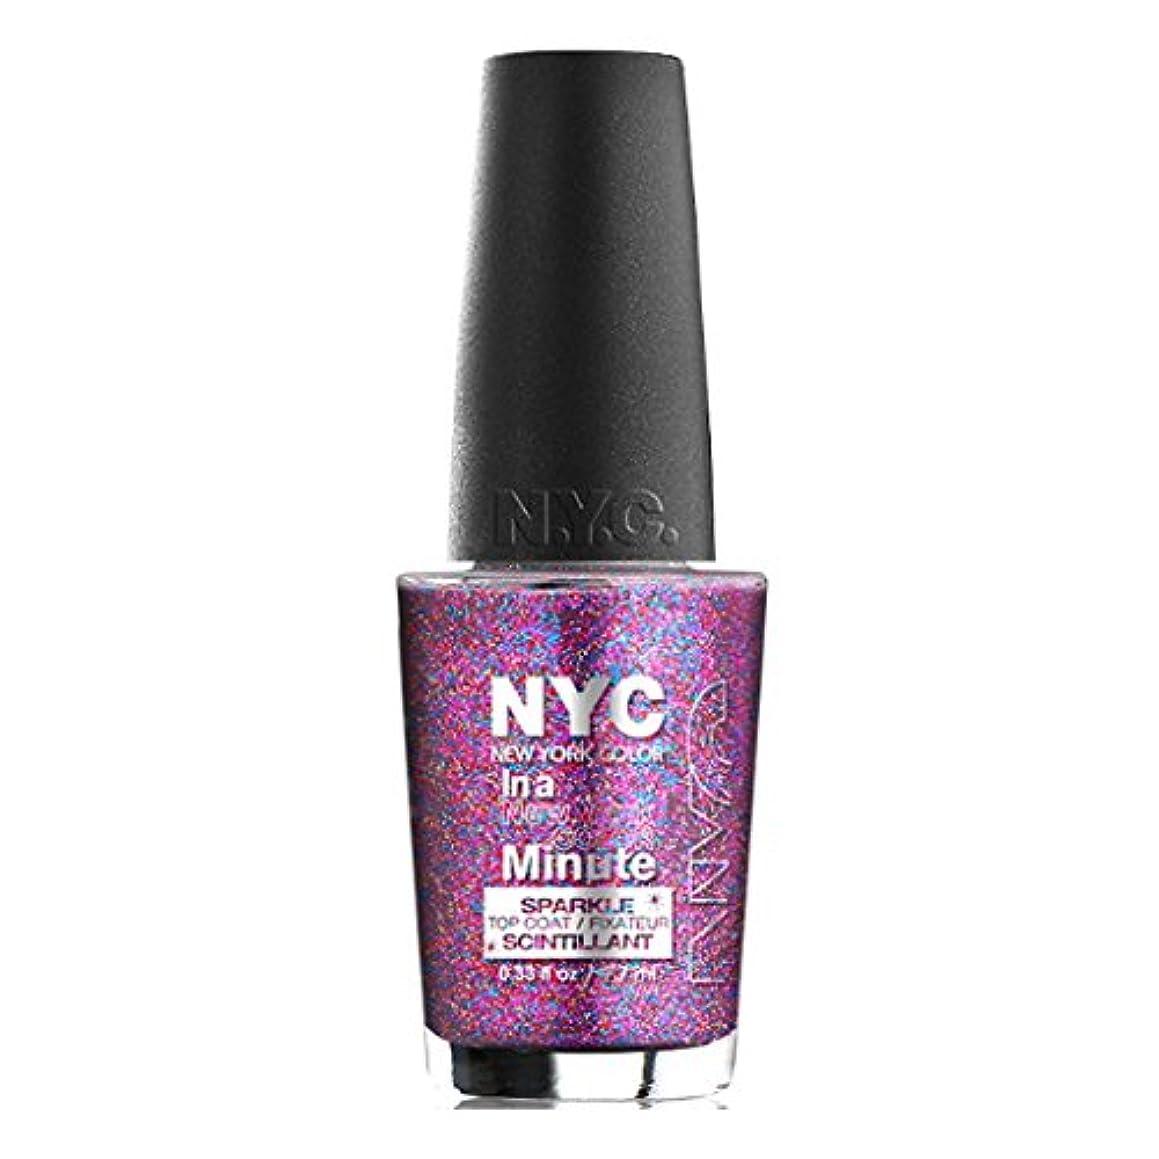 夕暮れ騒乱満足NYC In A New York Color Minute Sparkle Top Coat Big City Dazzle (並行輸入品)